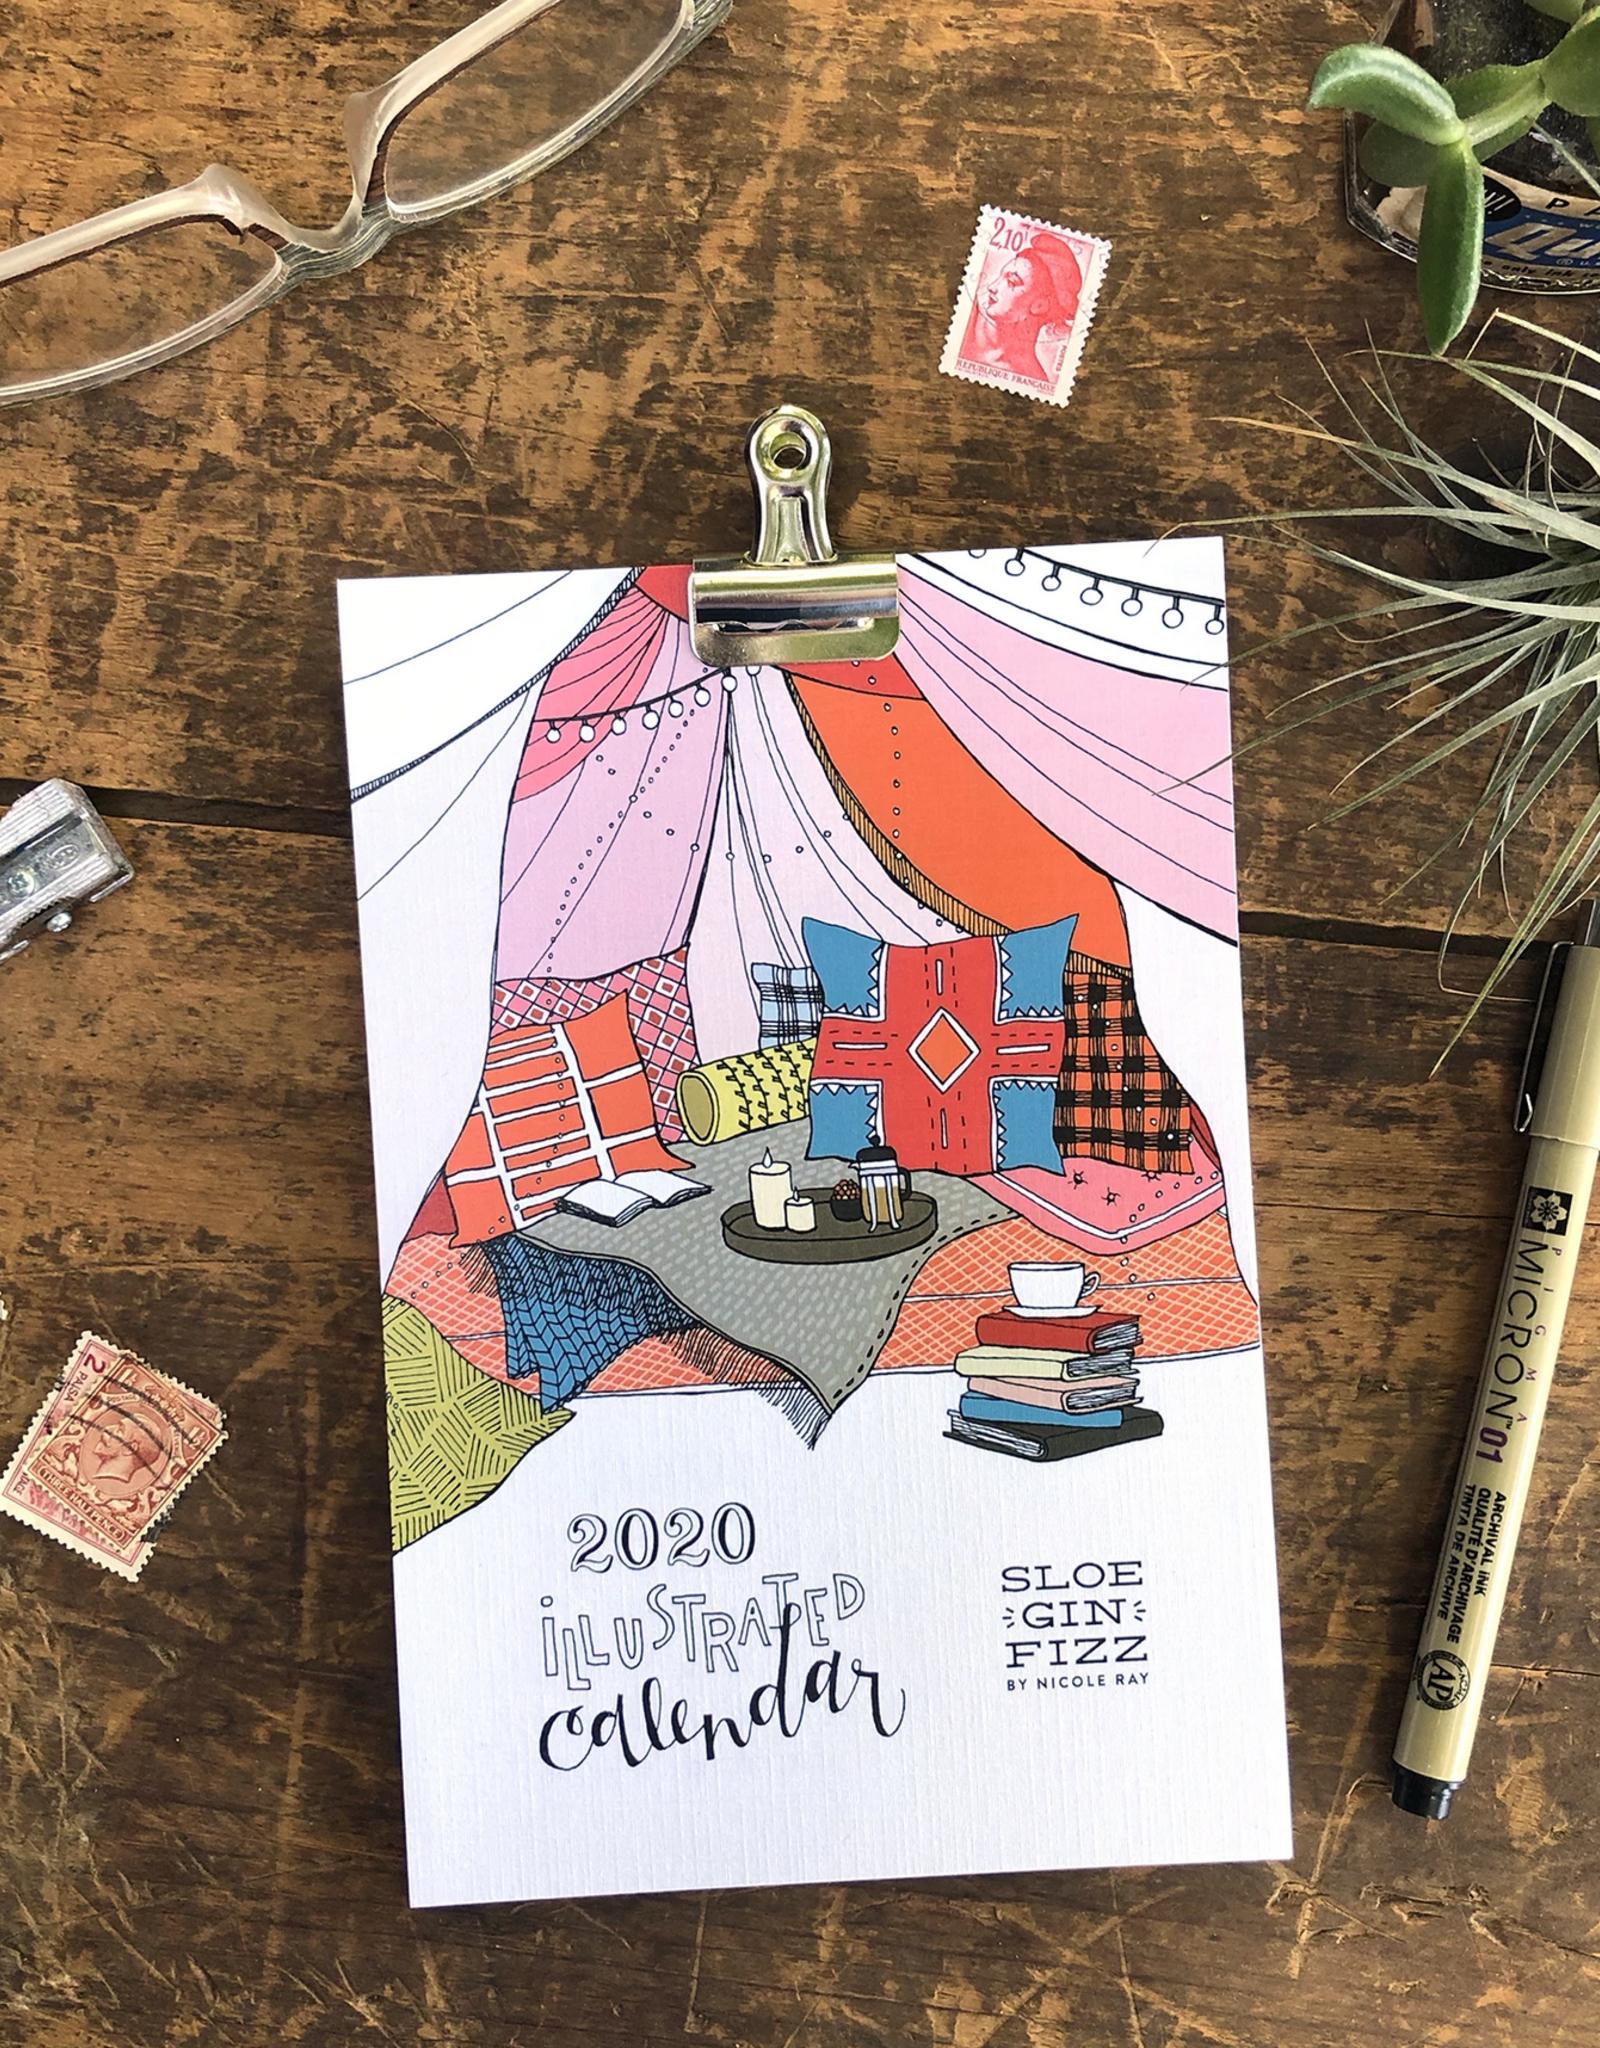 Sloe Gin Fizz Illustrated 2020 Calendar